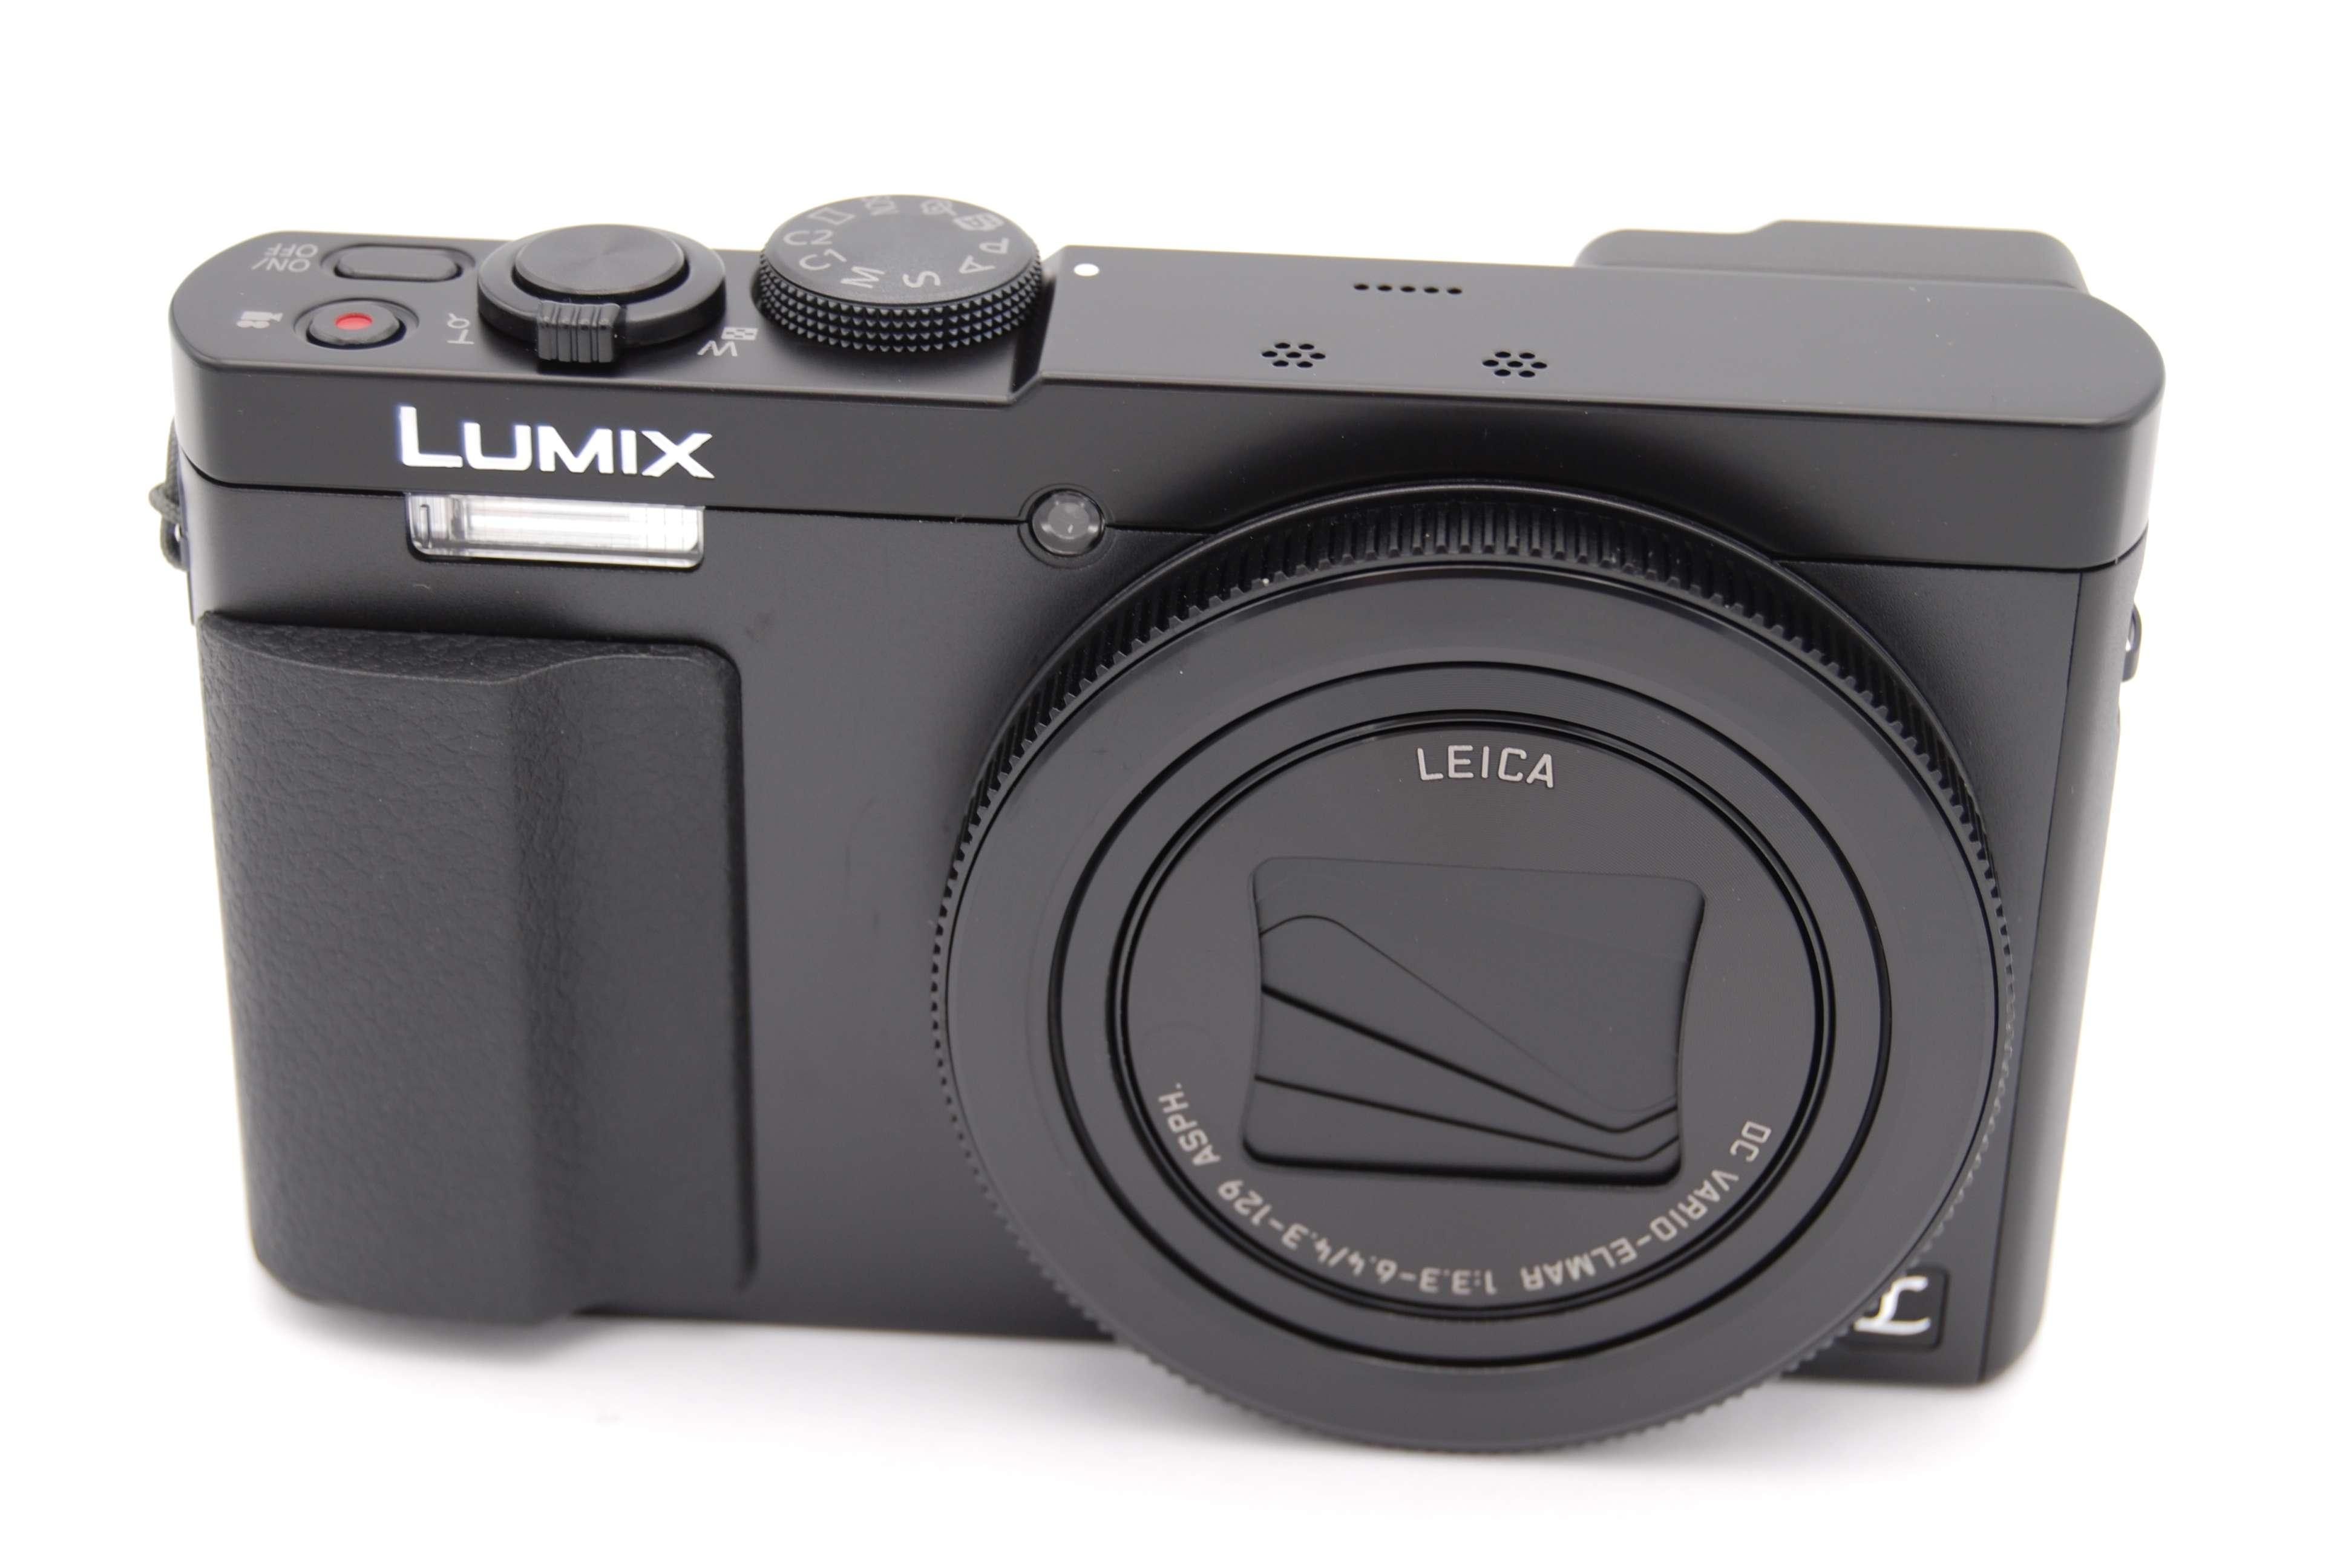 panasonic lumix tz70 digital camera manual